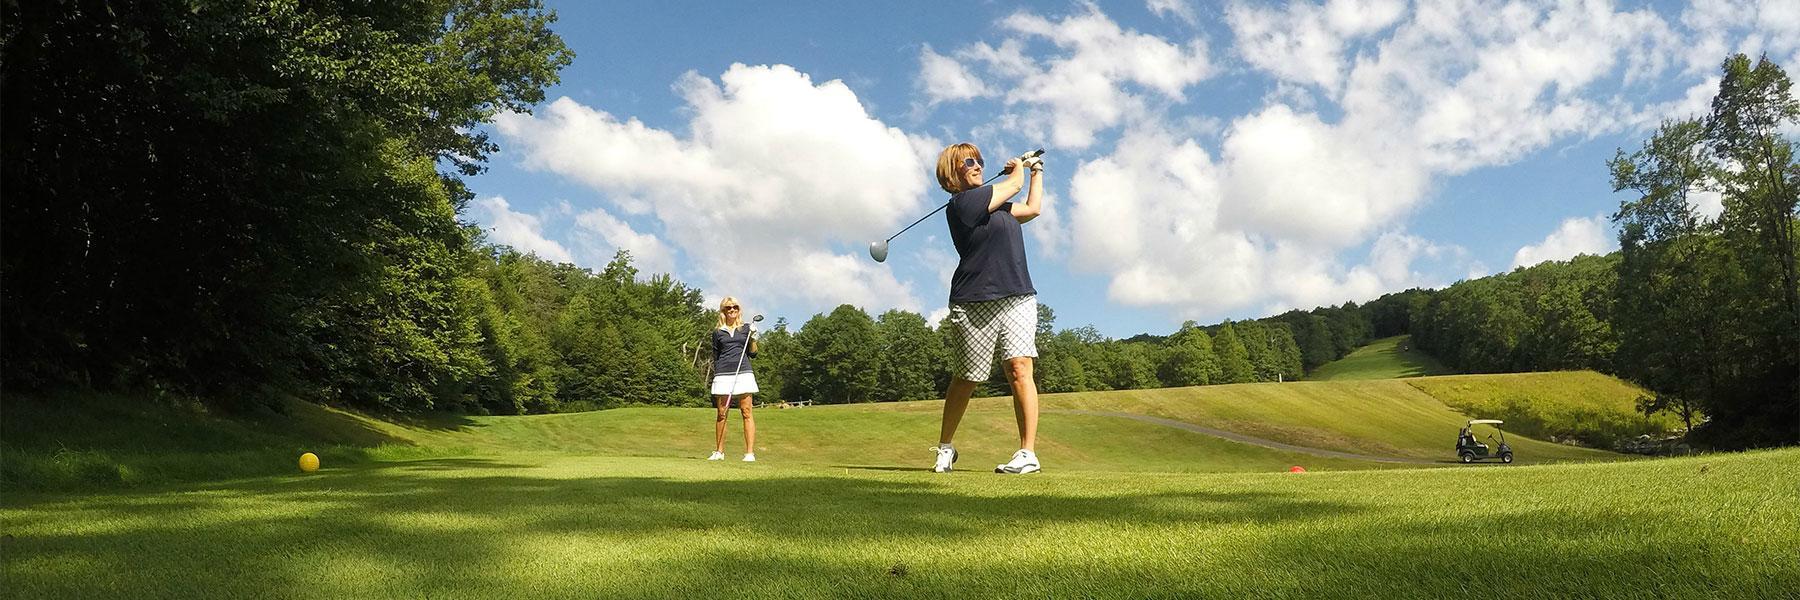 Golf Page Header